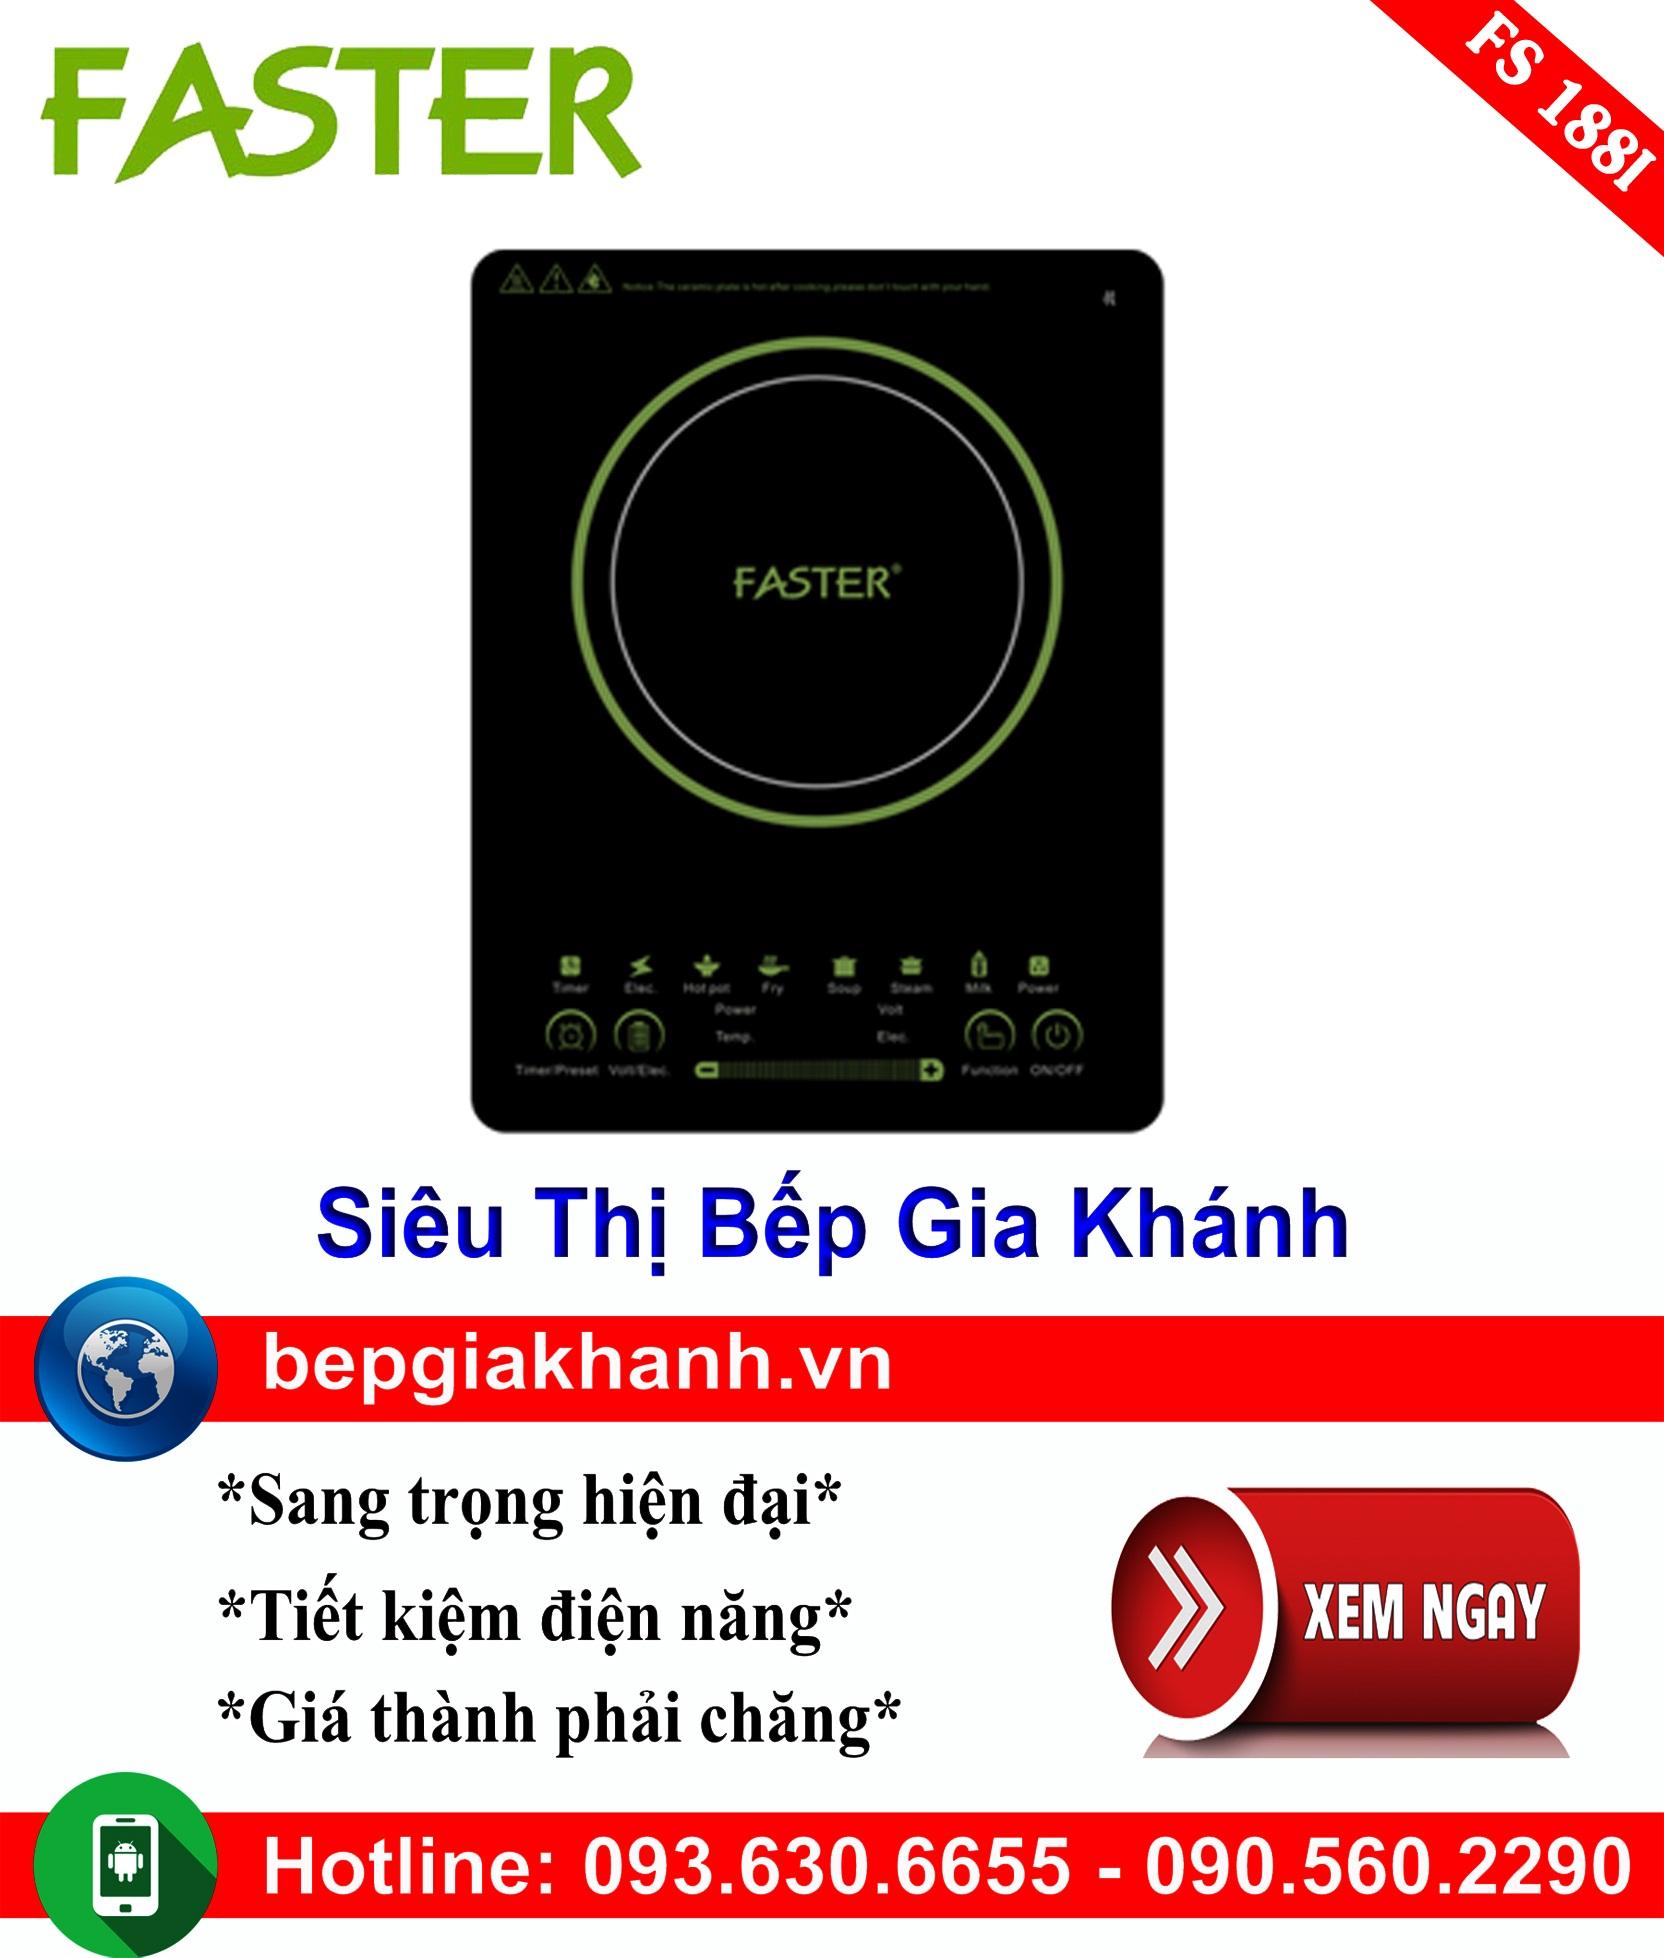 [HCM]Bếp từ đơn Faster FS 188I bếp từ bếp điện từ bếp từ đôi bếp điện từ đôi bếp từ giá rẻ bếp điện từ giá rẻ bếp từ đơn bep tu don bep tu